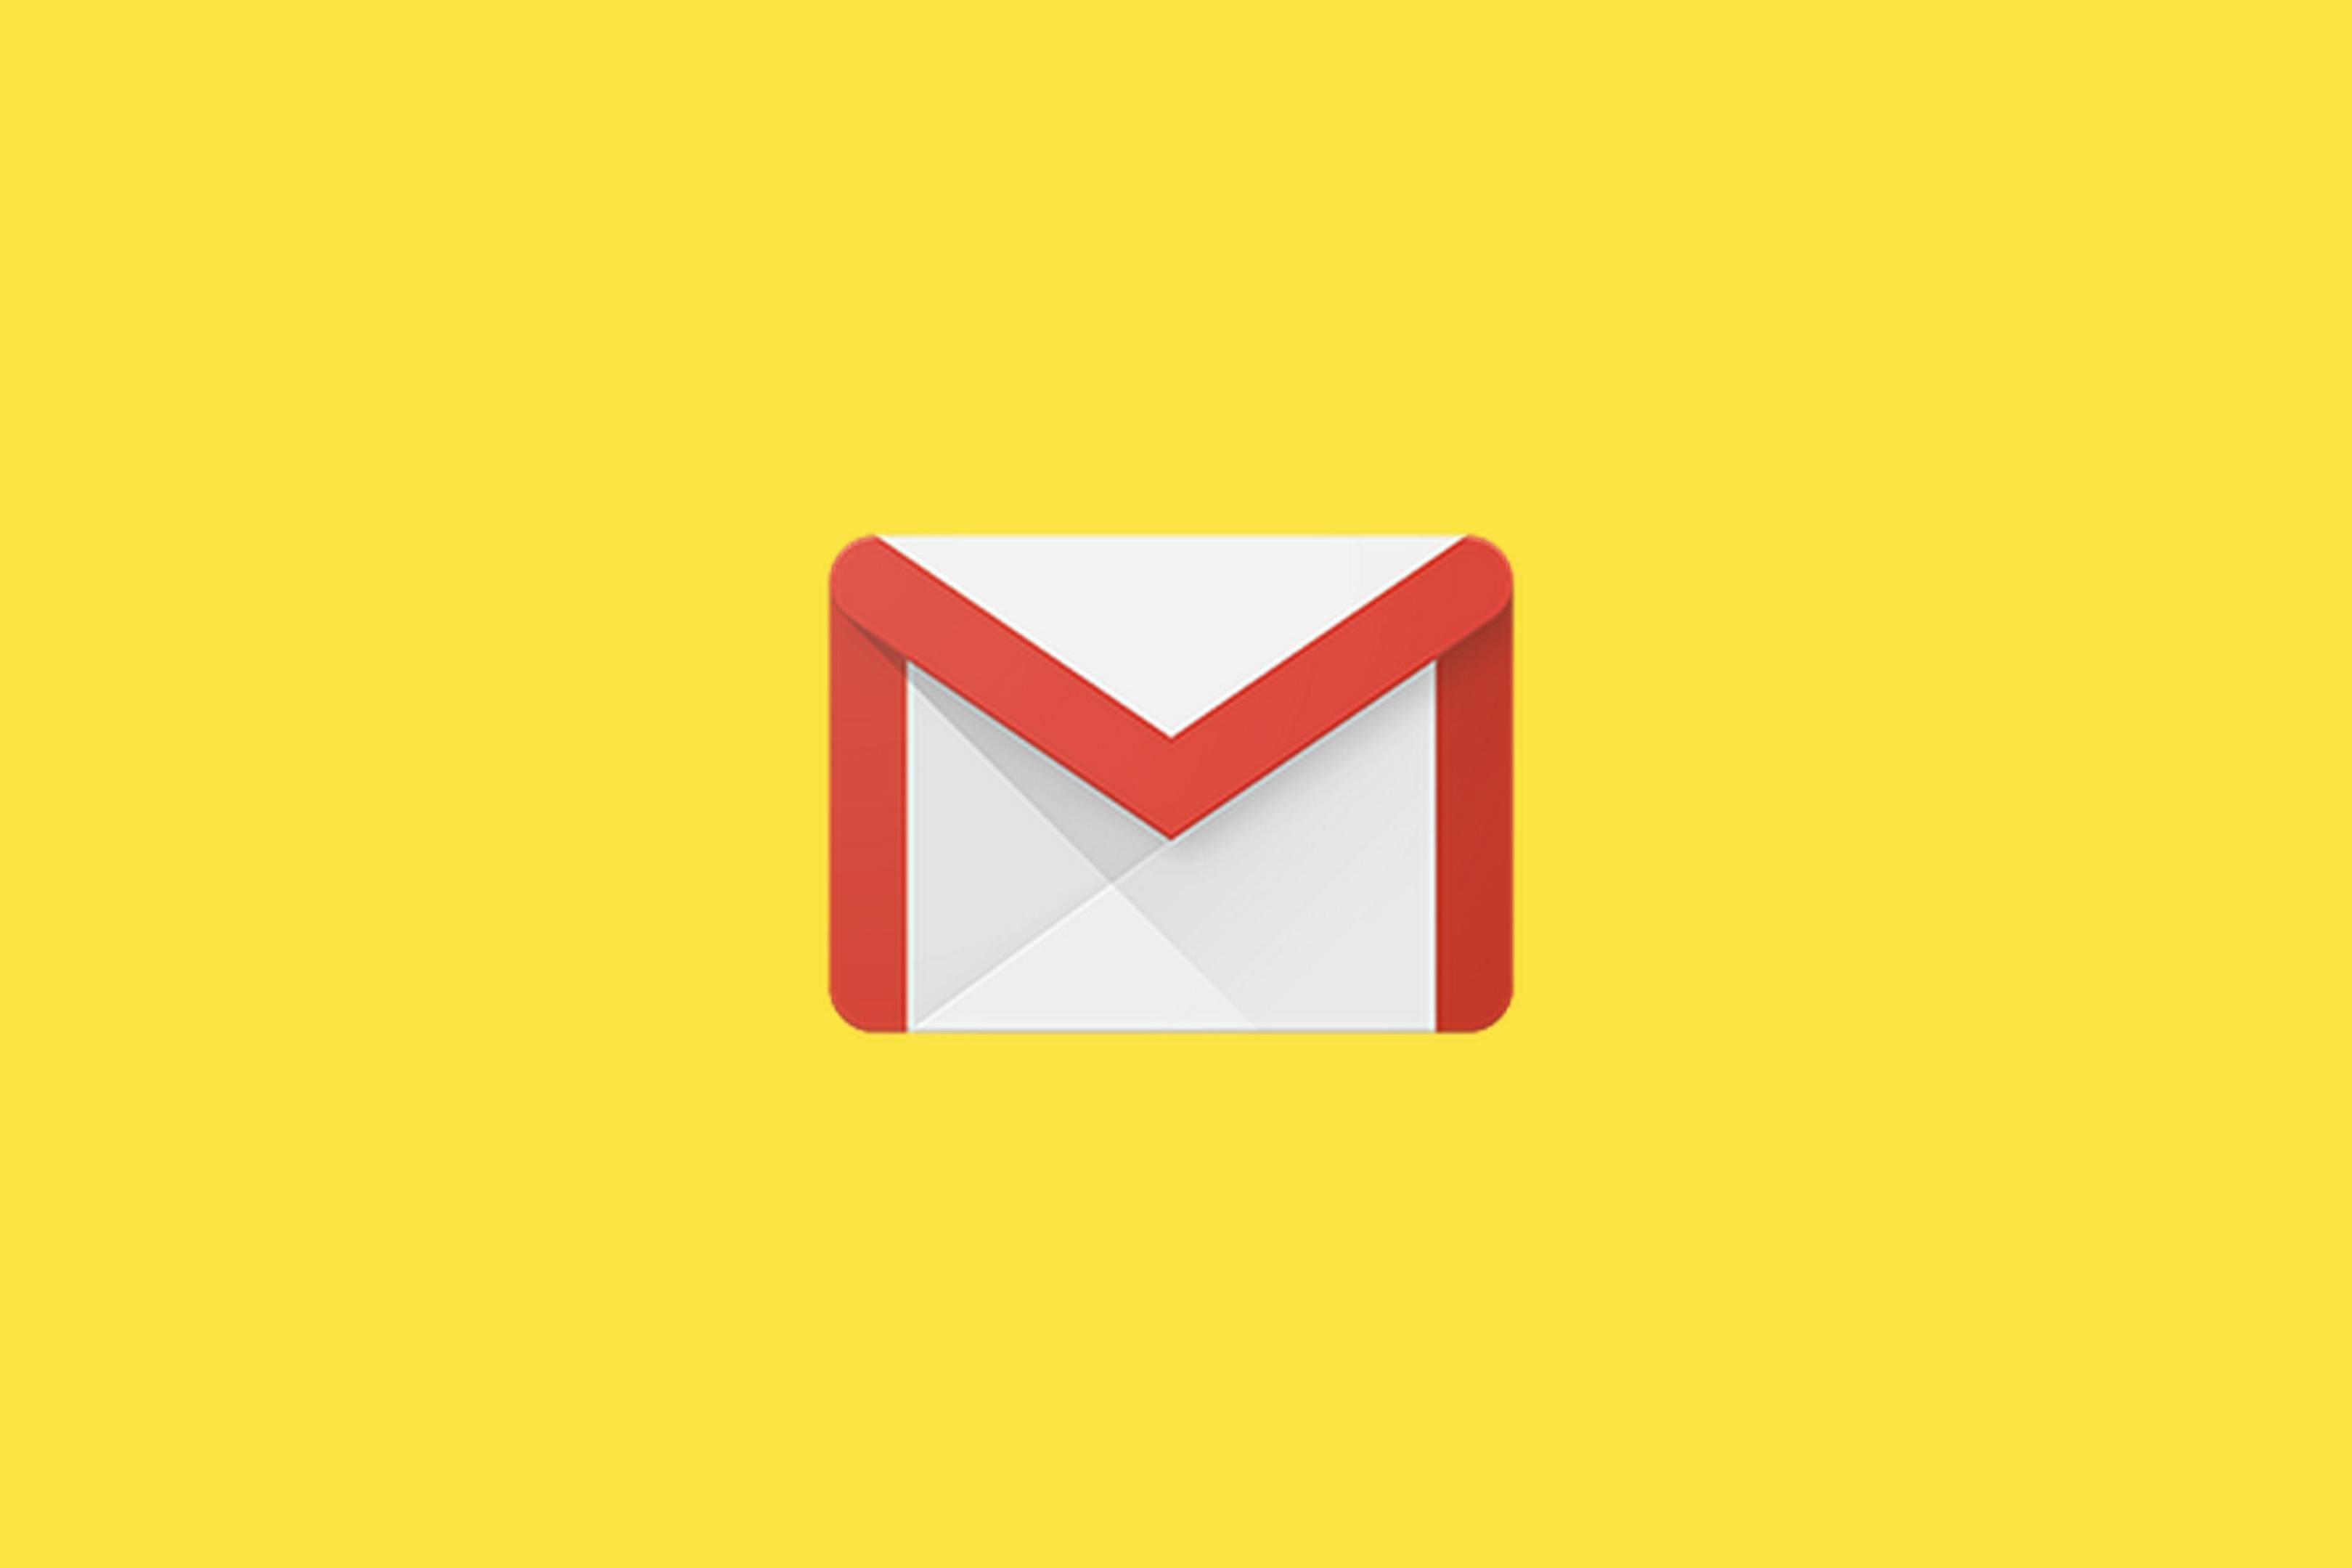 Telefonda Gmail Hesabı Nasıl Açılır?